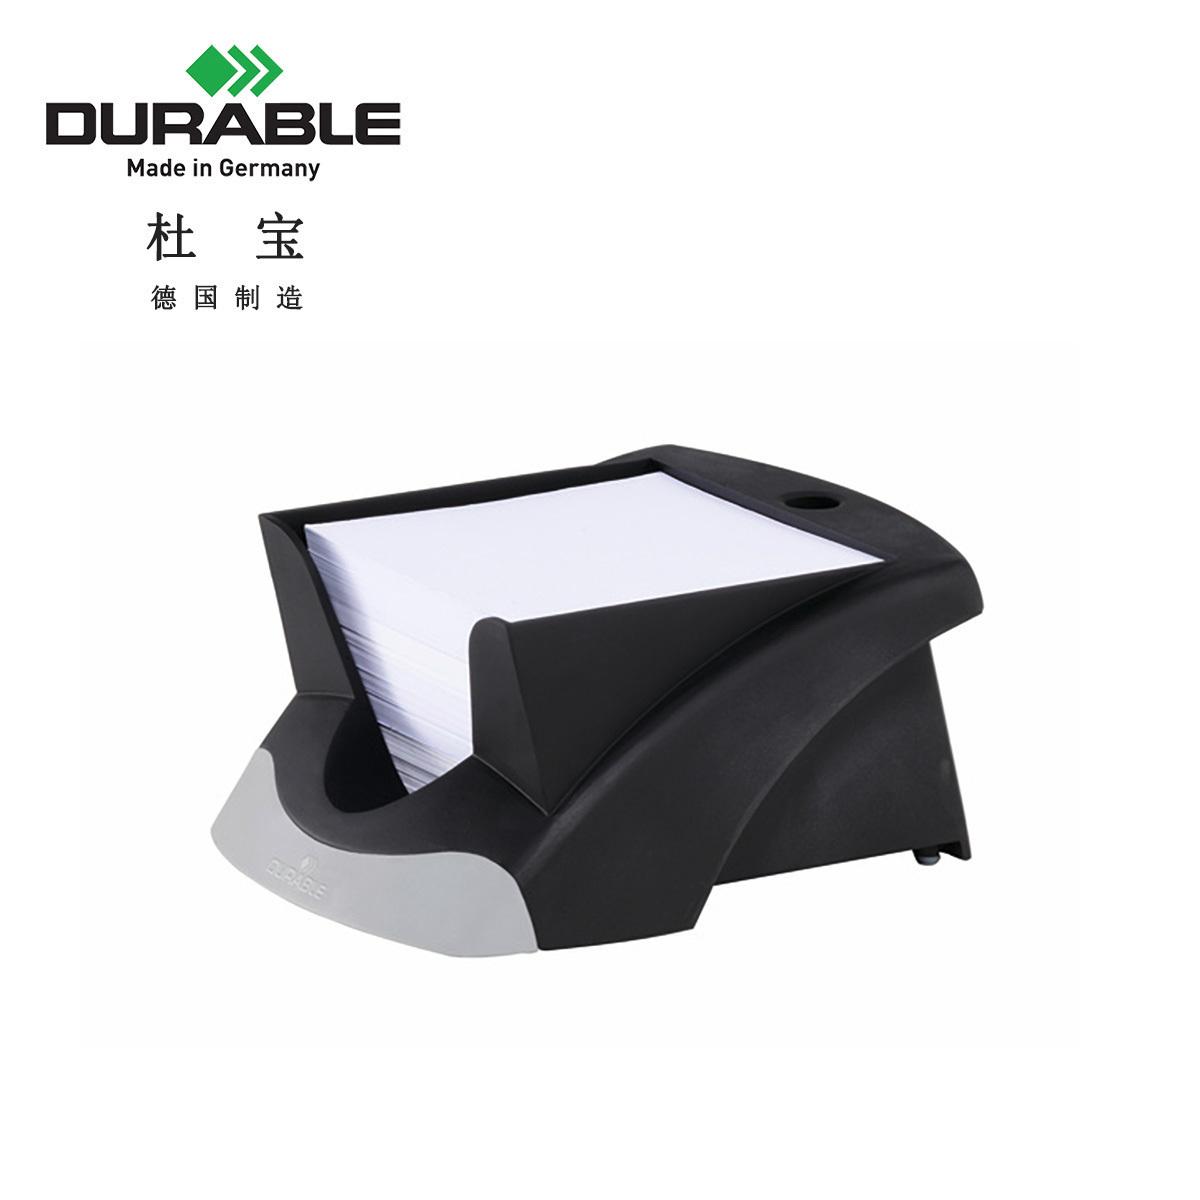 德国原装进口办公用品杜宝品牌DURABLE高档精制便签纸盒 (带纸)